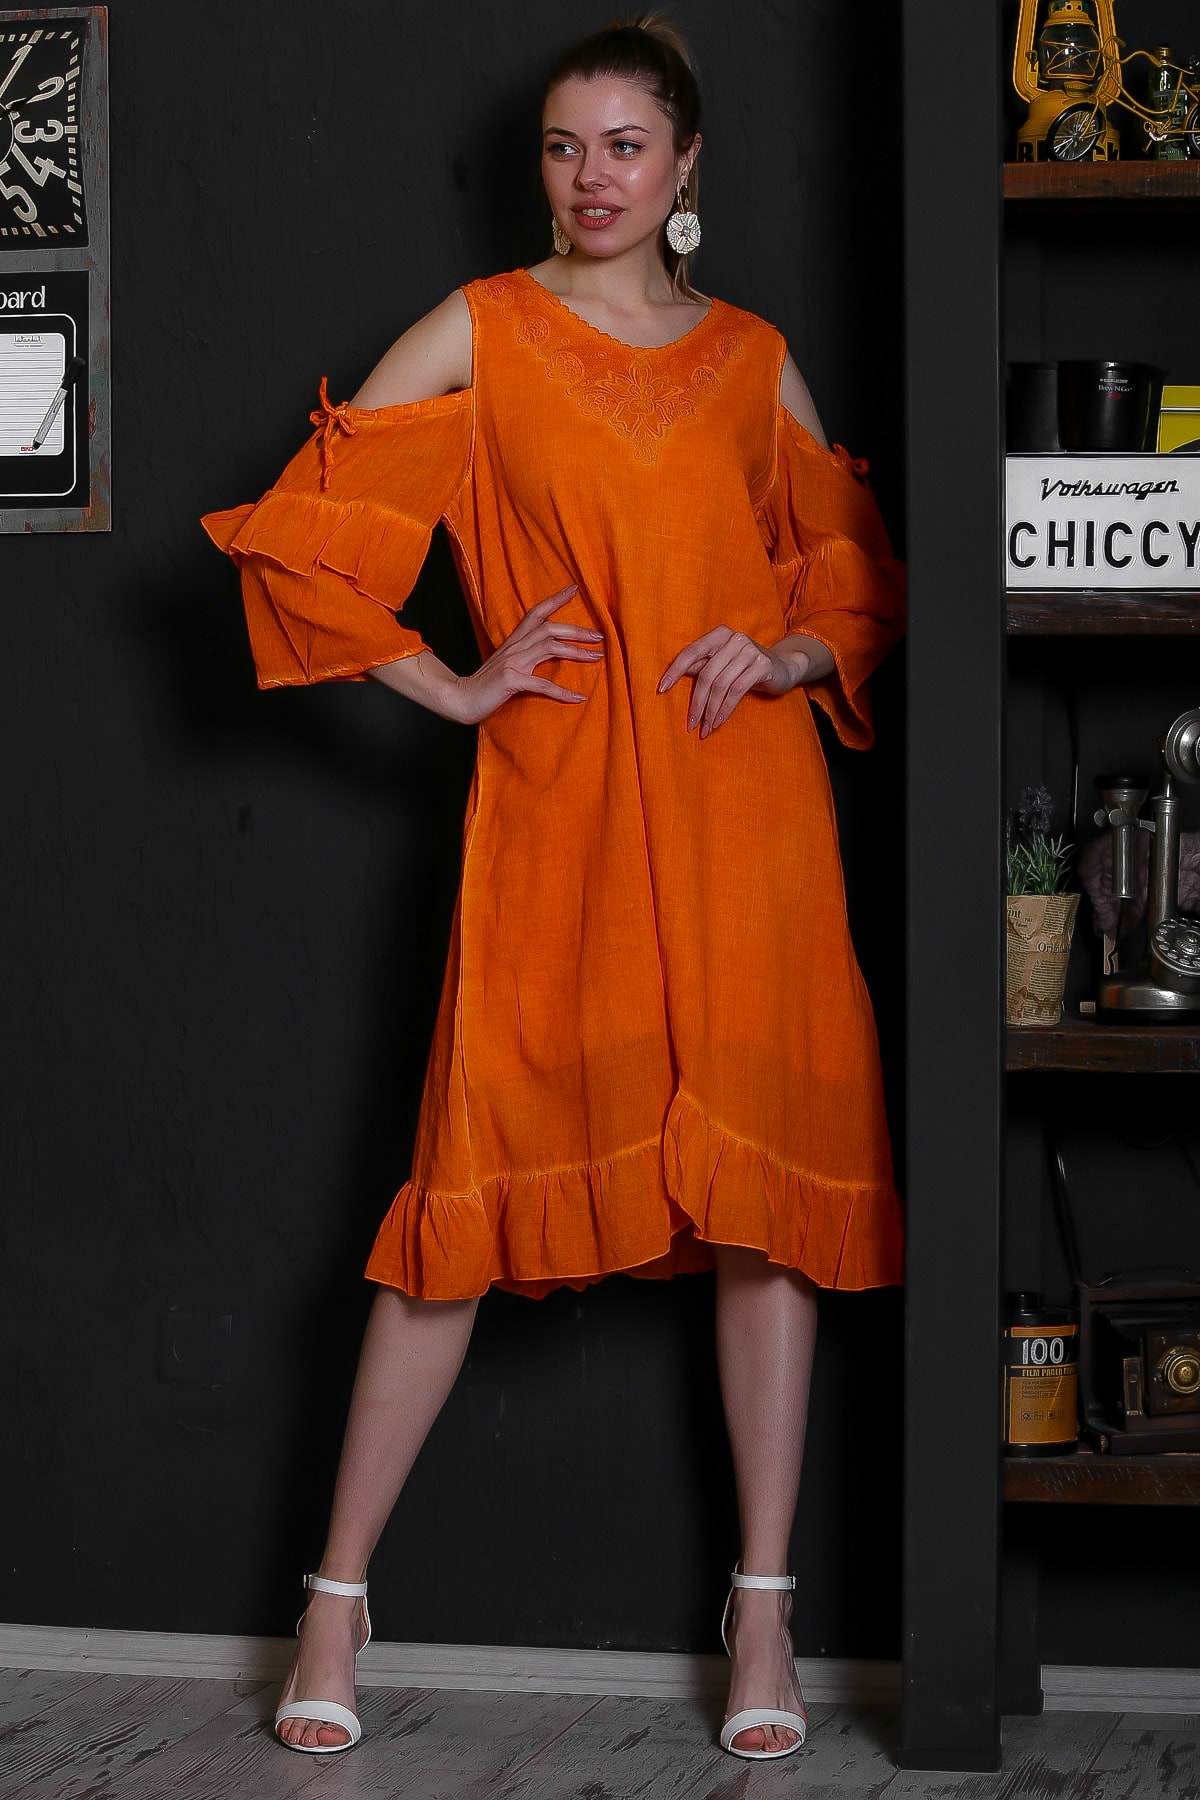 Chiccy Kadın Turuncu Dantel Yakalı Omuzları Pencereli Volanlı Astarlı Yıkamalı Elbise M10160000EL95361 1